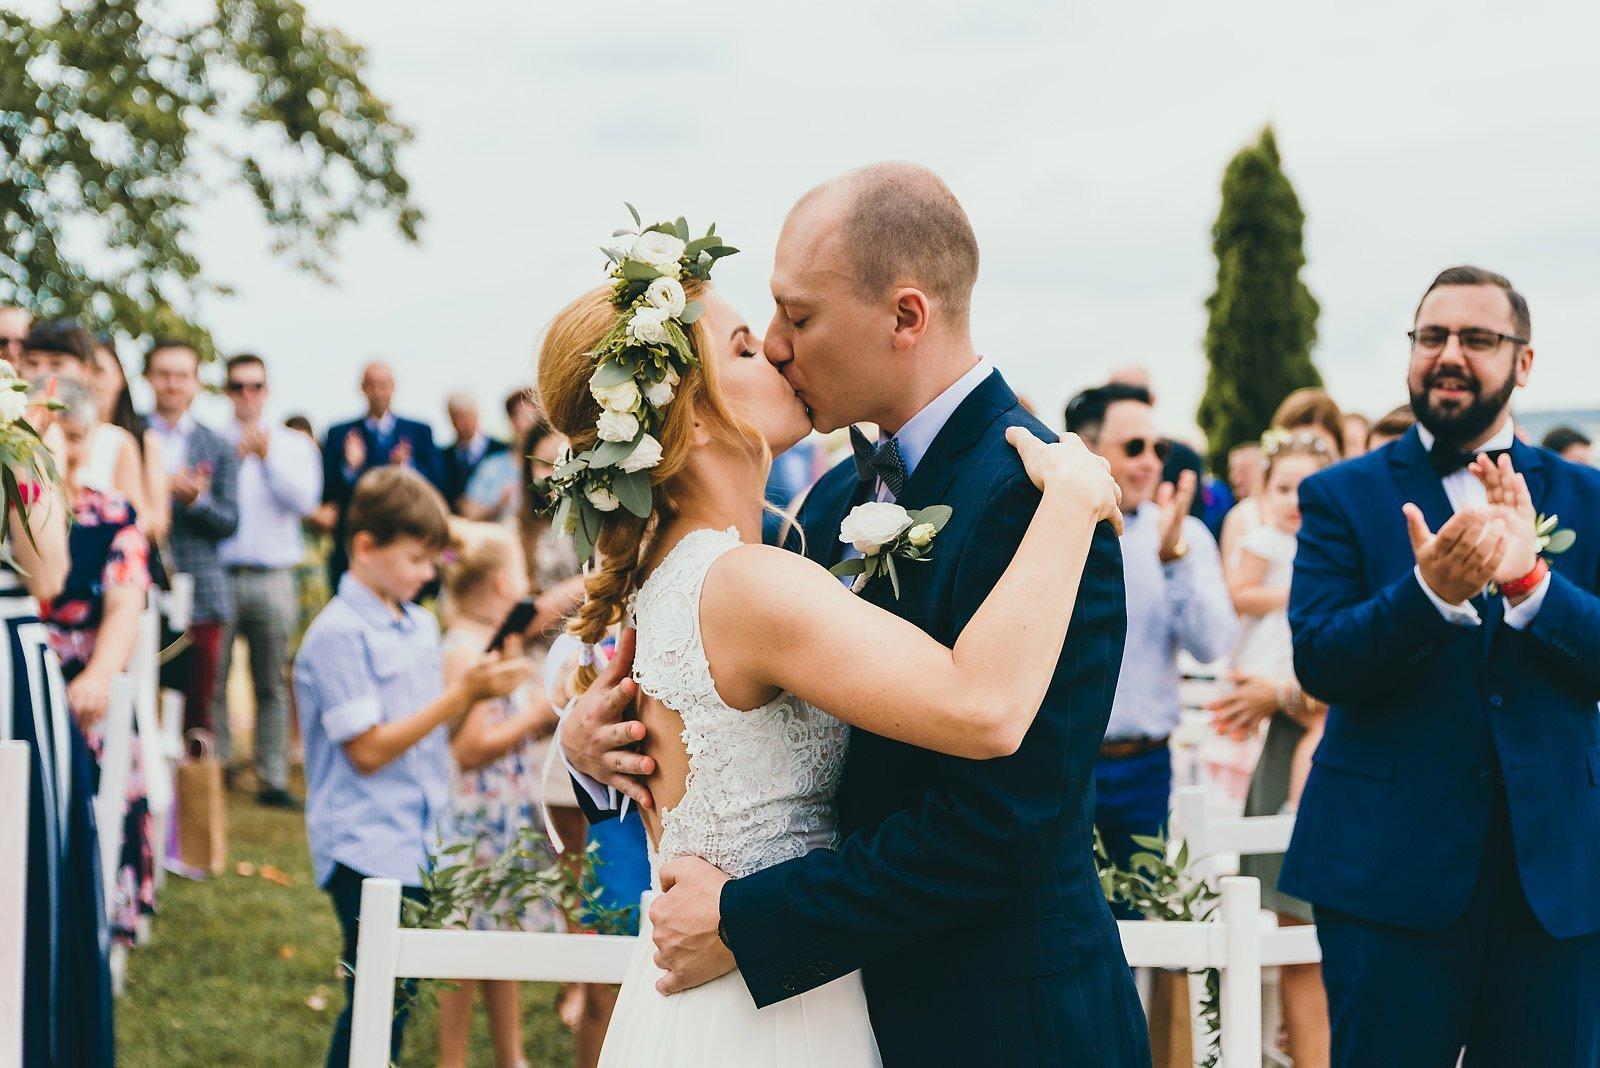 Justyna i Szymon - plenerowy ślub w stylu boho 45